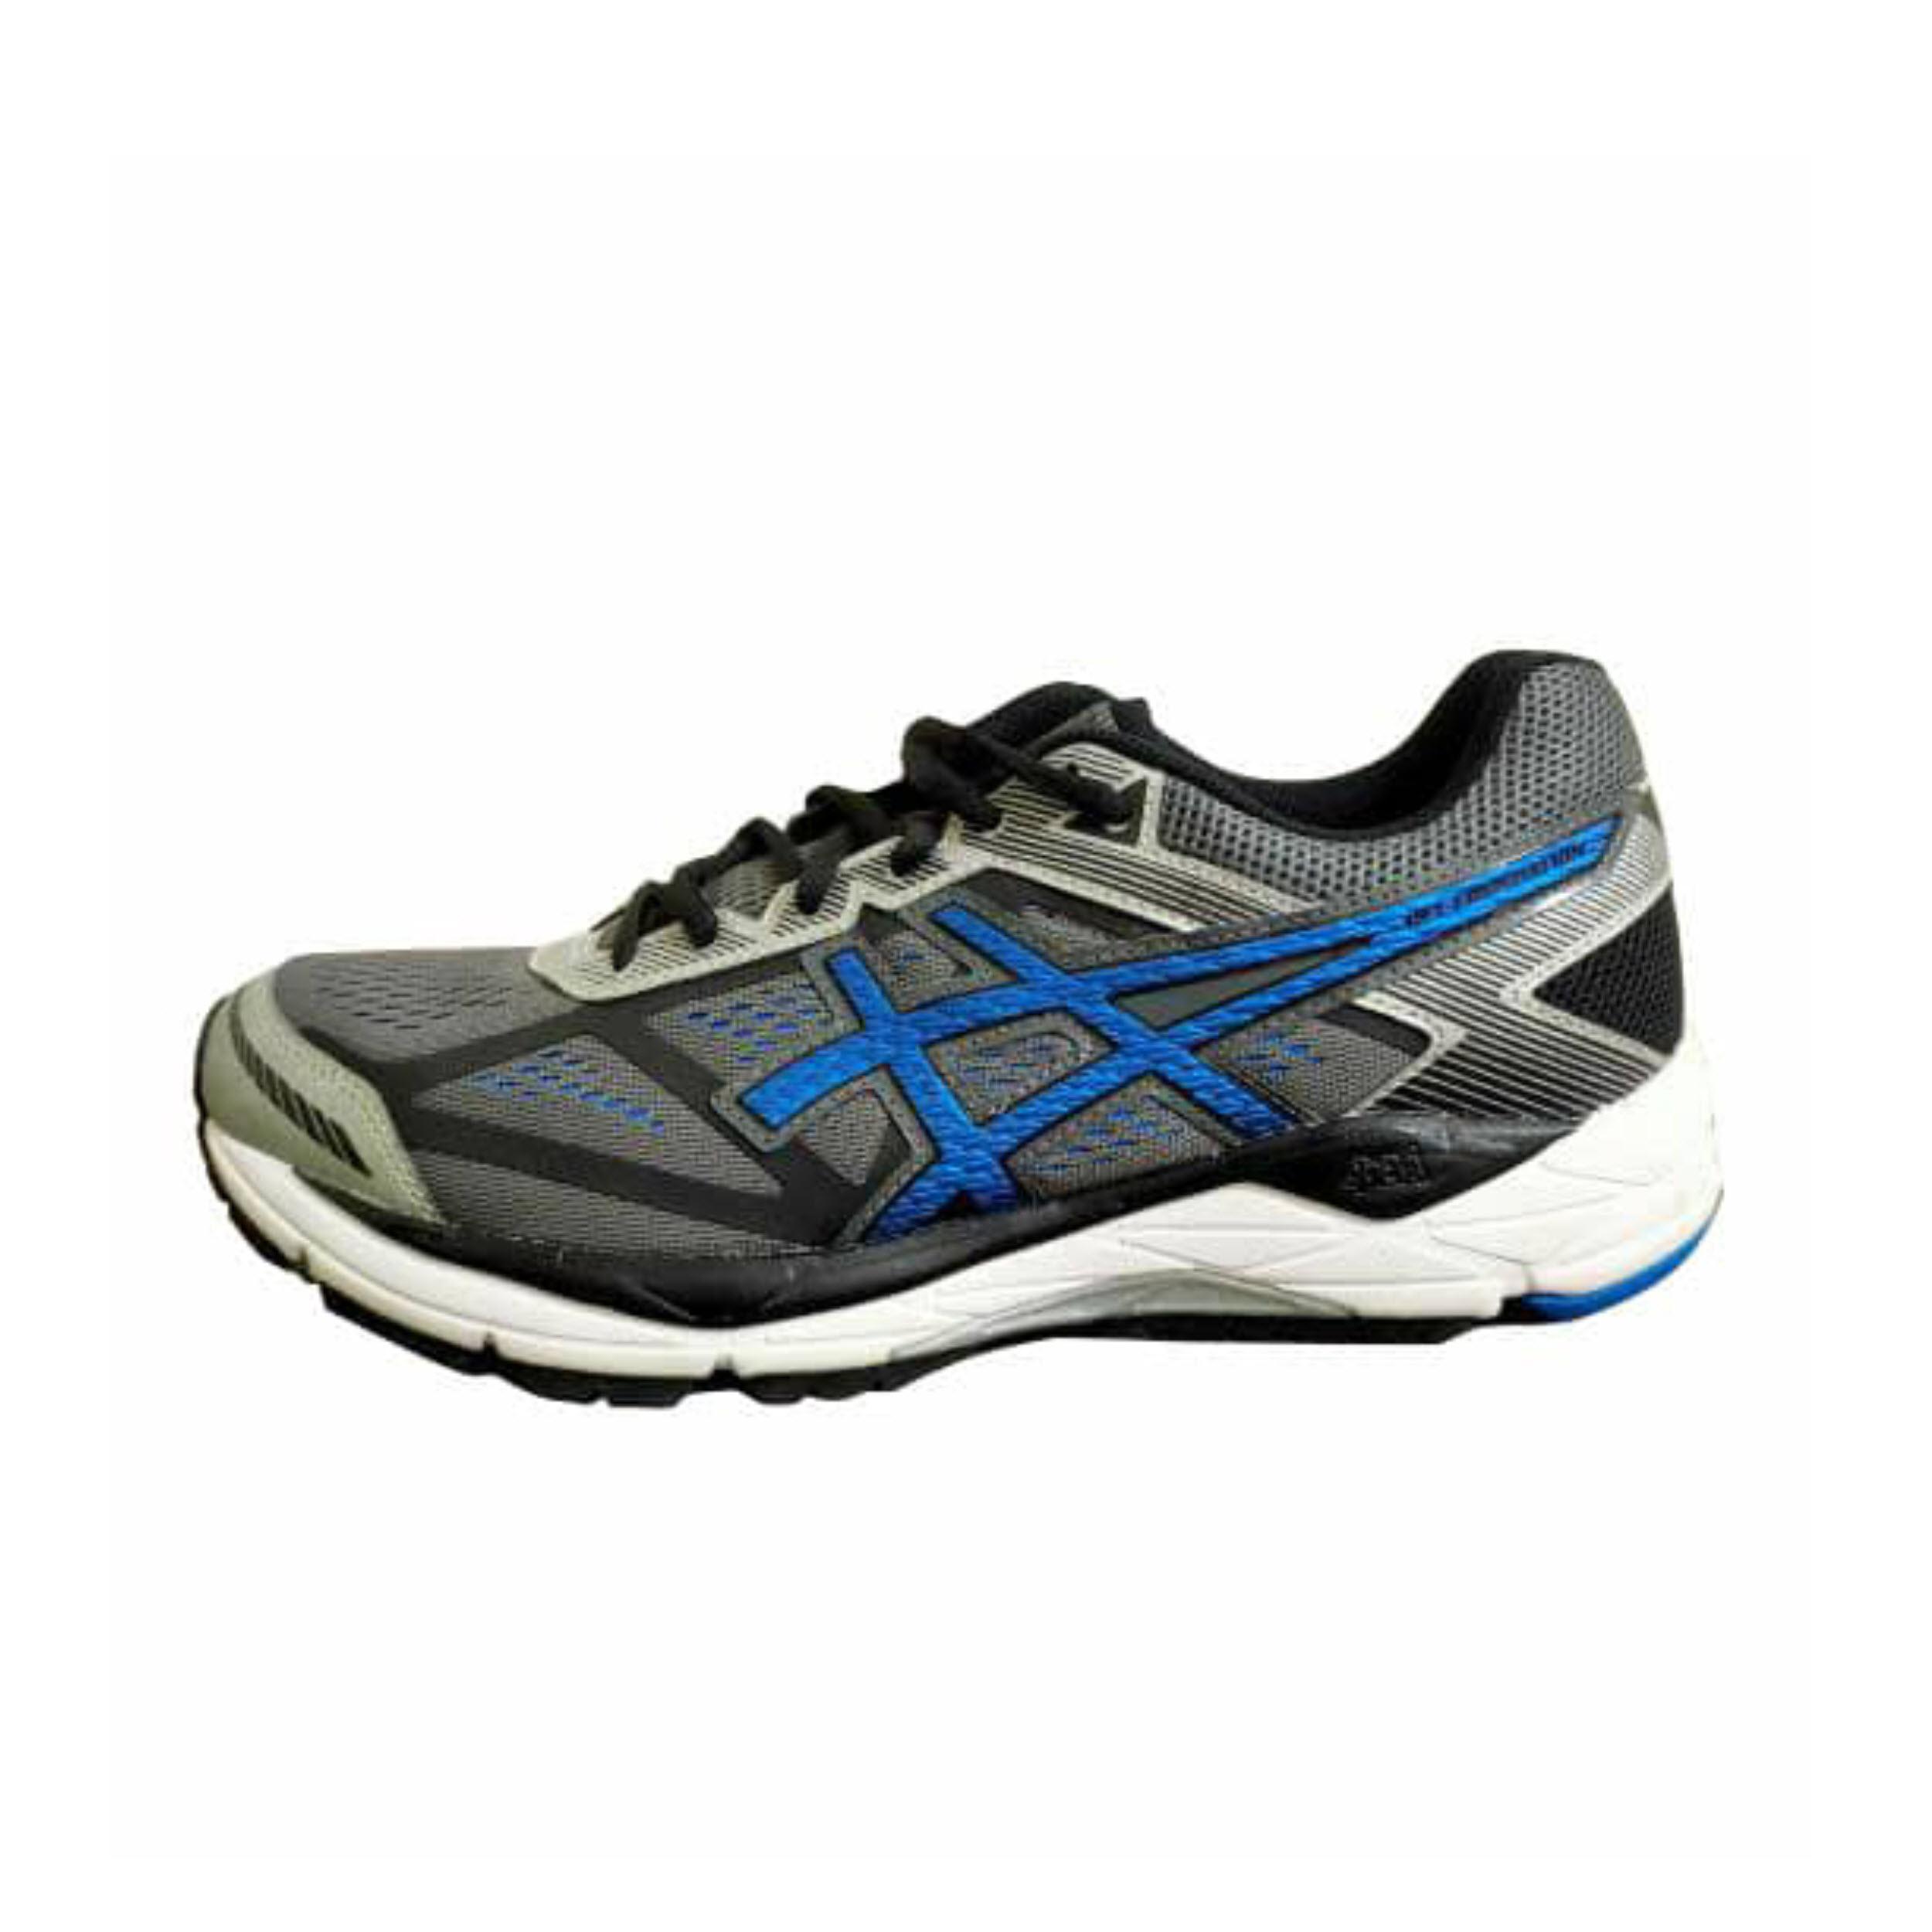 کفش پیاده روی مردانه اسیکس مدل gel foundation